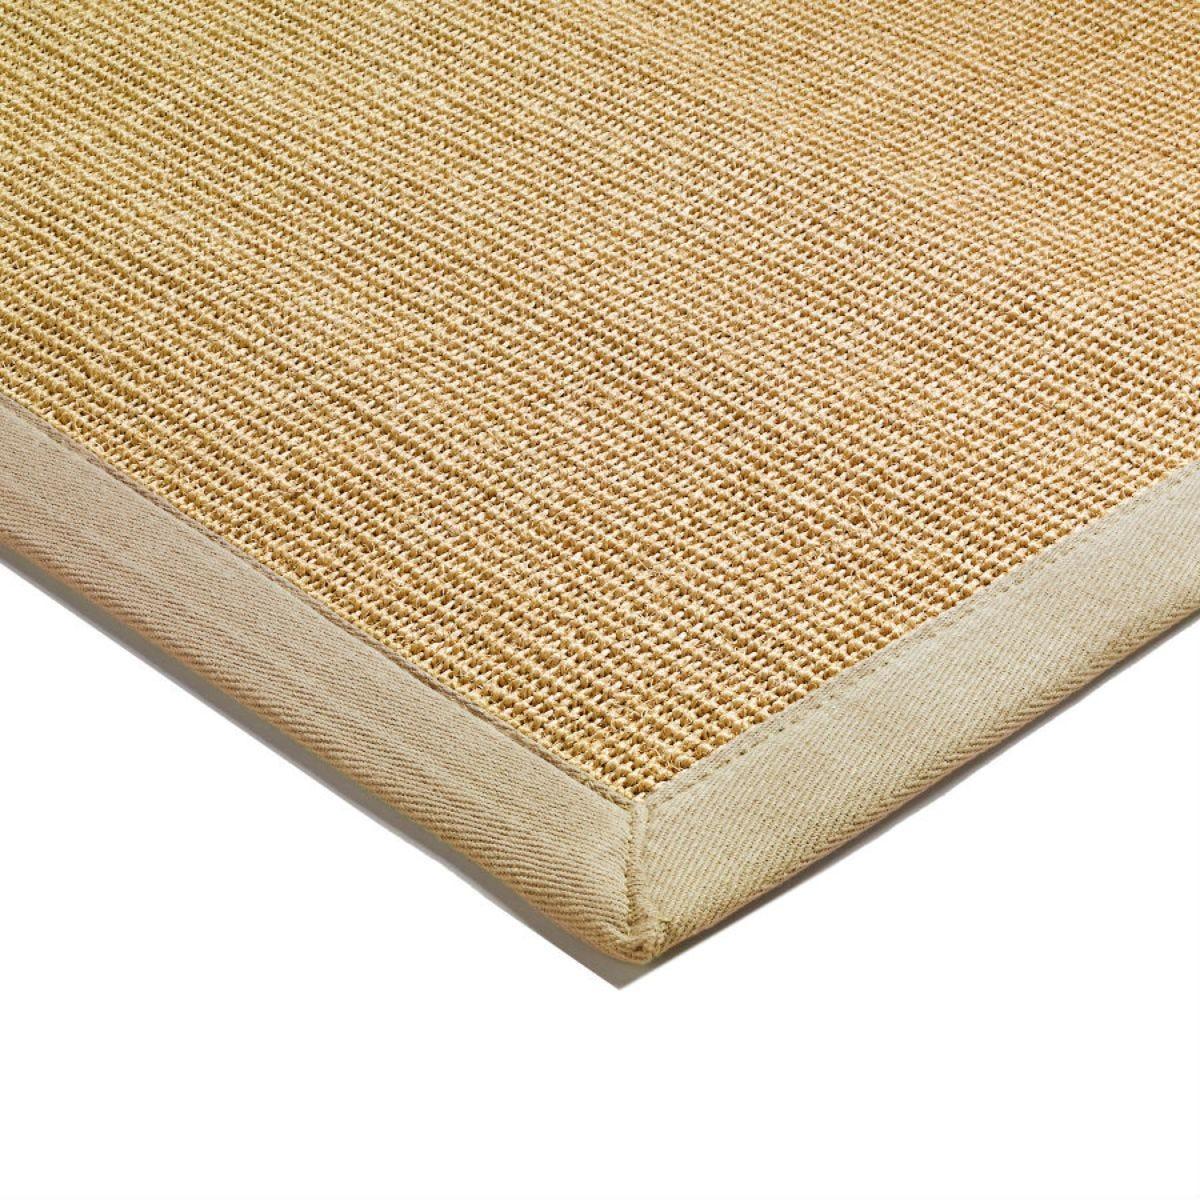 Asiatic Sisal Rug 300 x 200cm - Linen